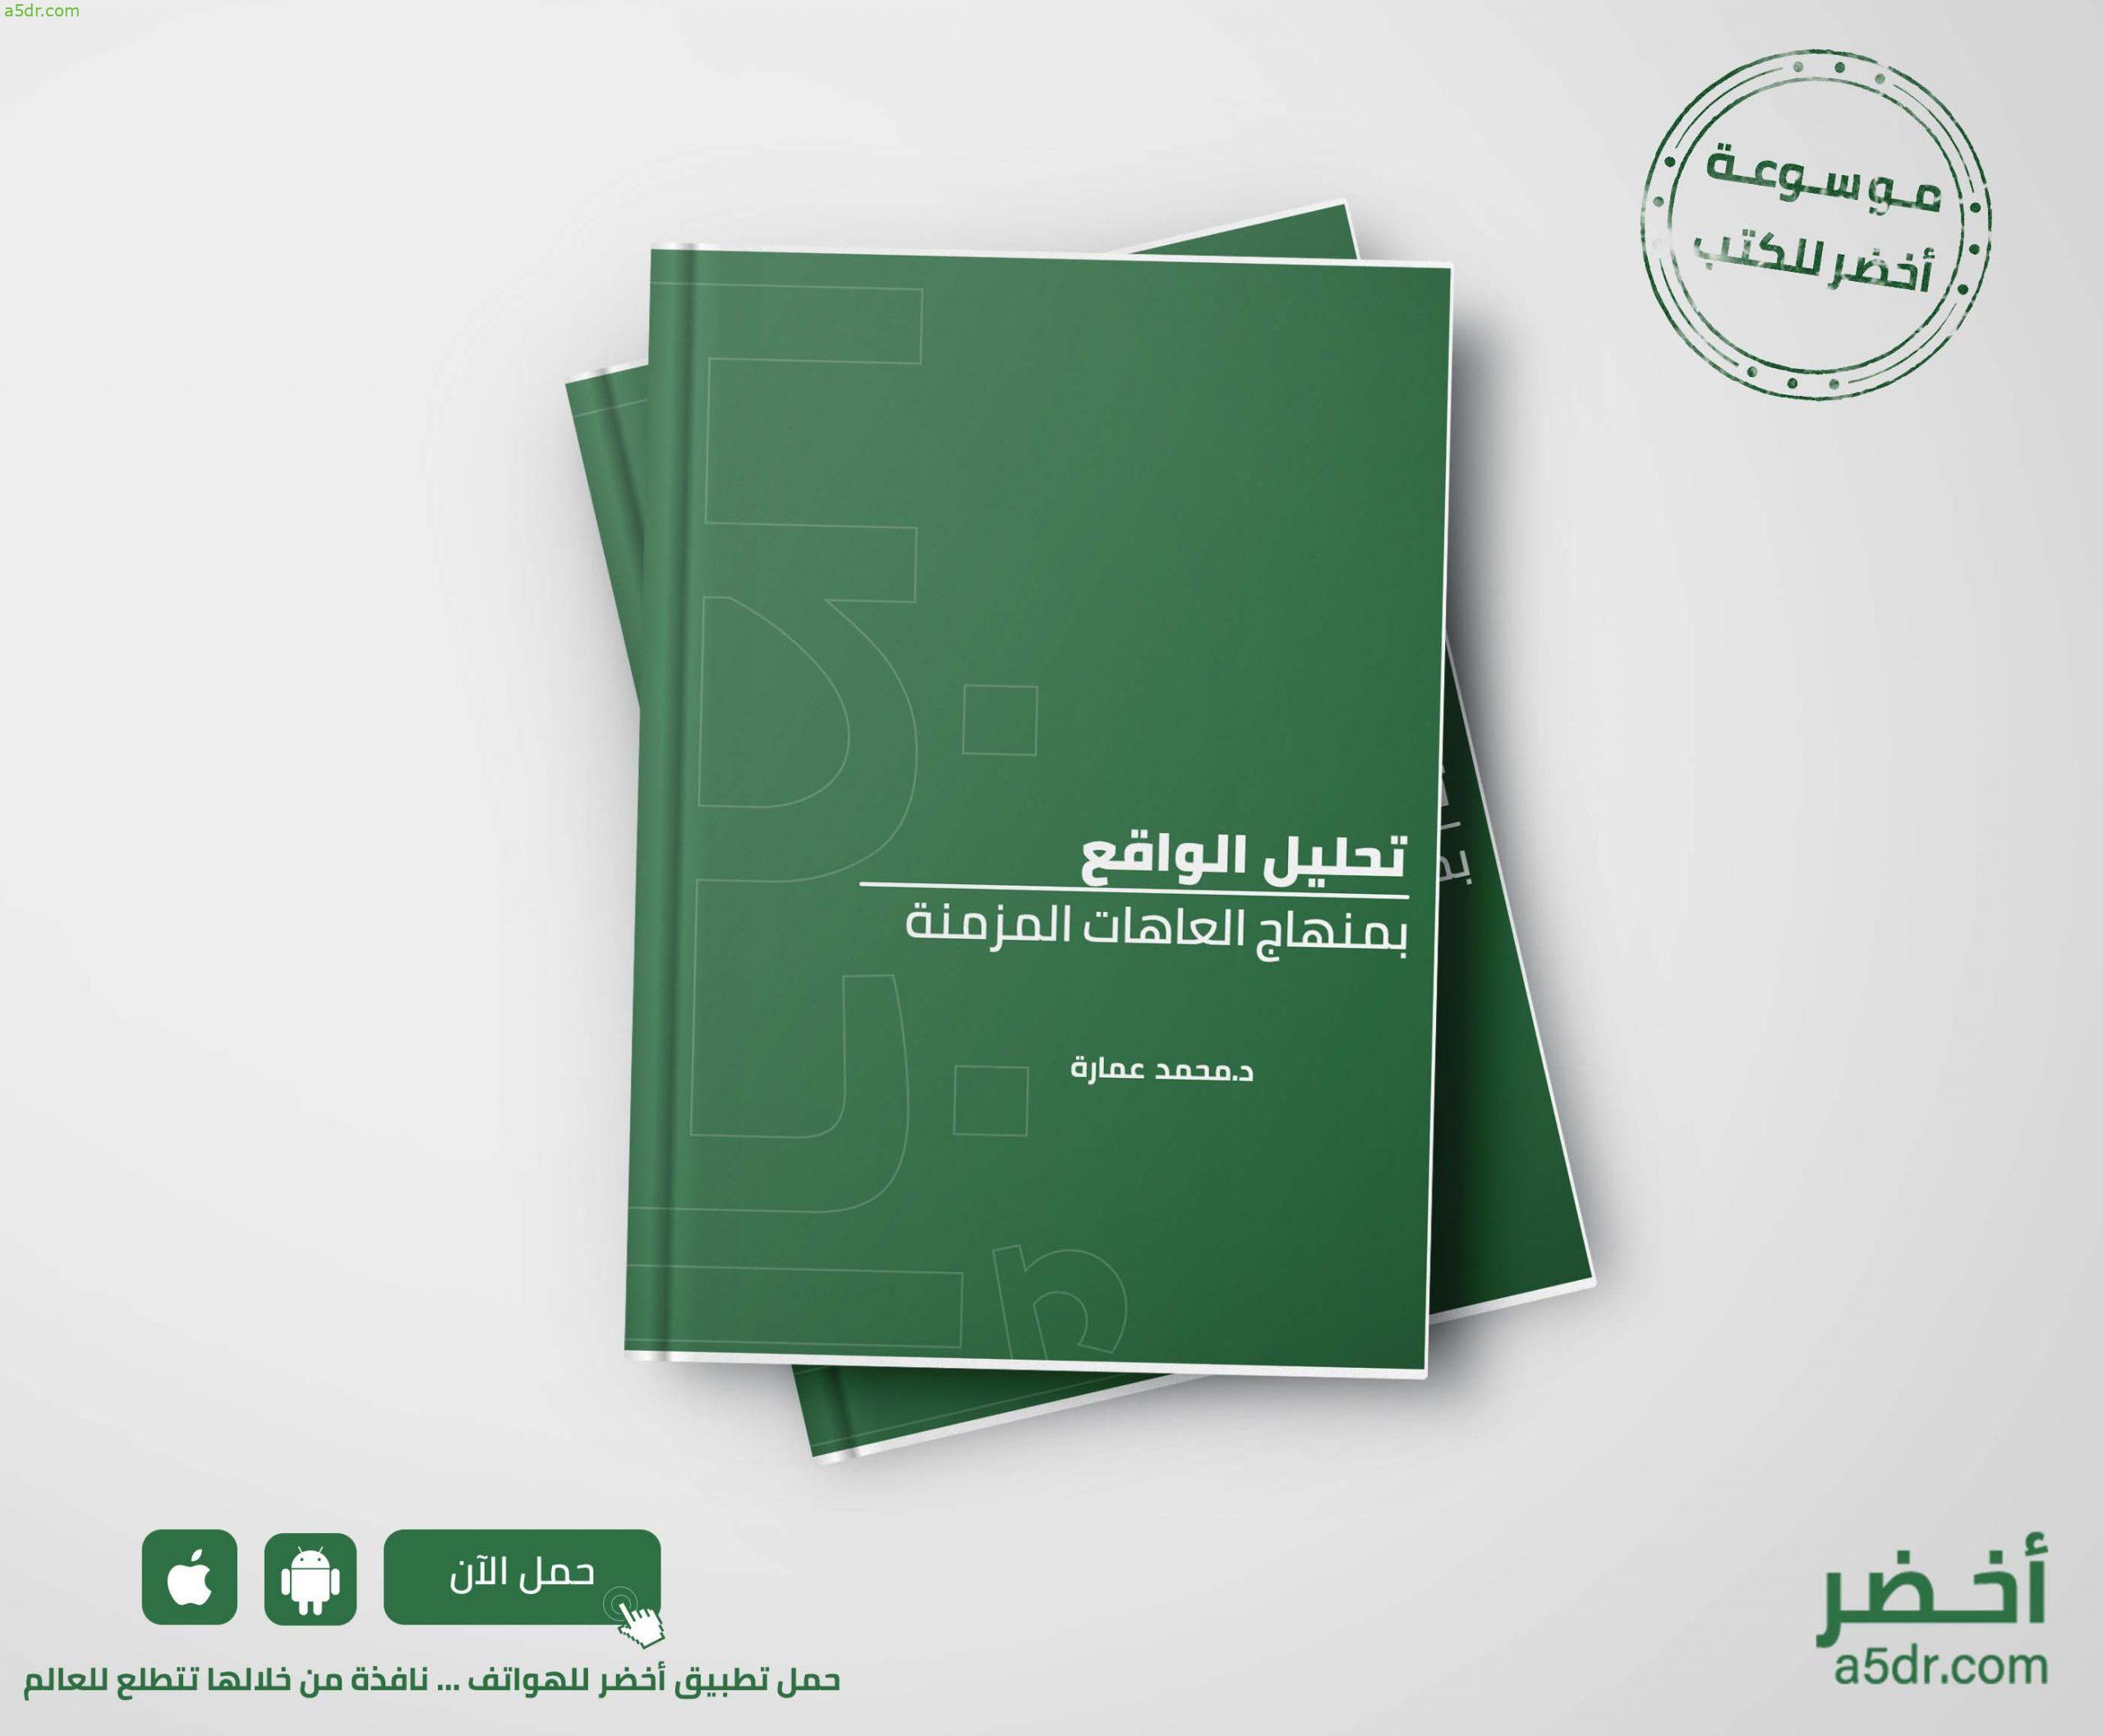 كتاب تحليل الواقع بمنهاج العاهات المزمنة - محمد عمارة